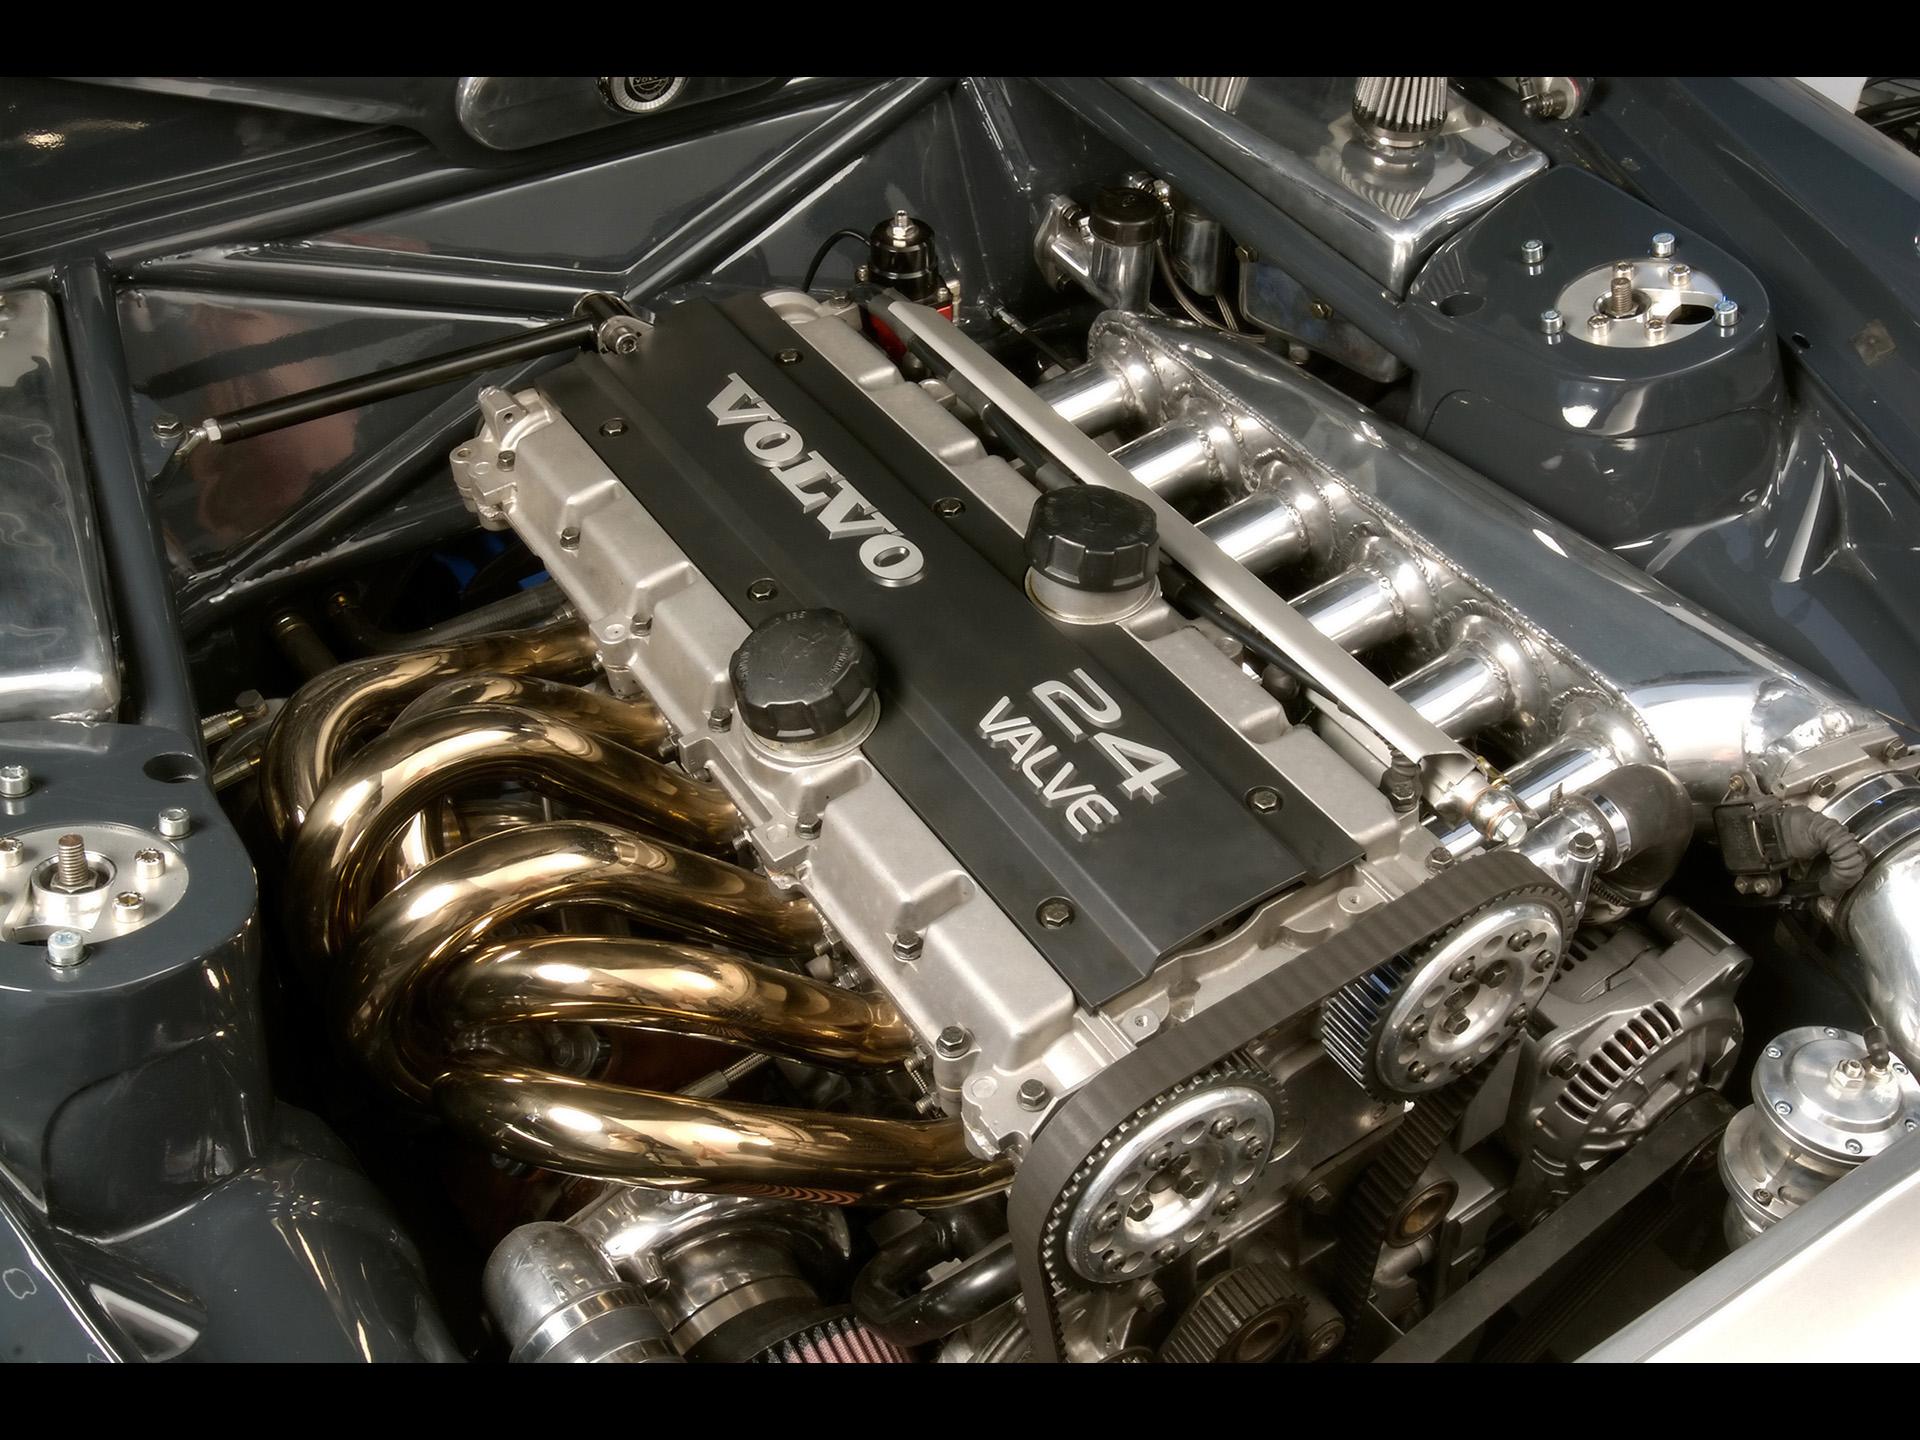 Классическим двигателям осталось 7-10 лет: Вольво откажется от вложений денег вДВС